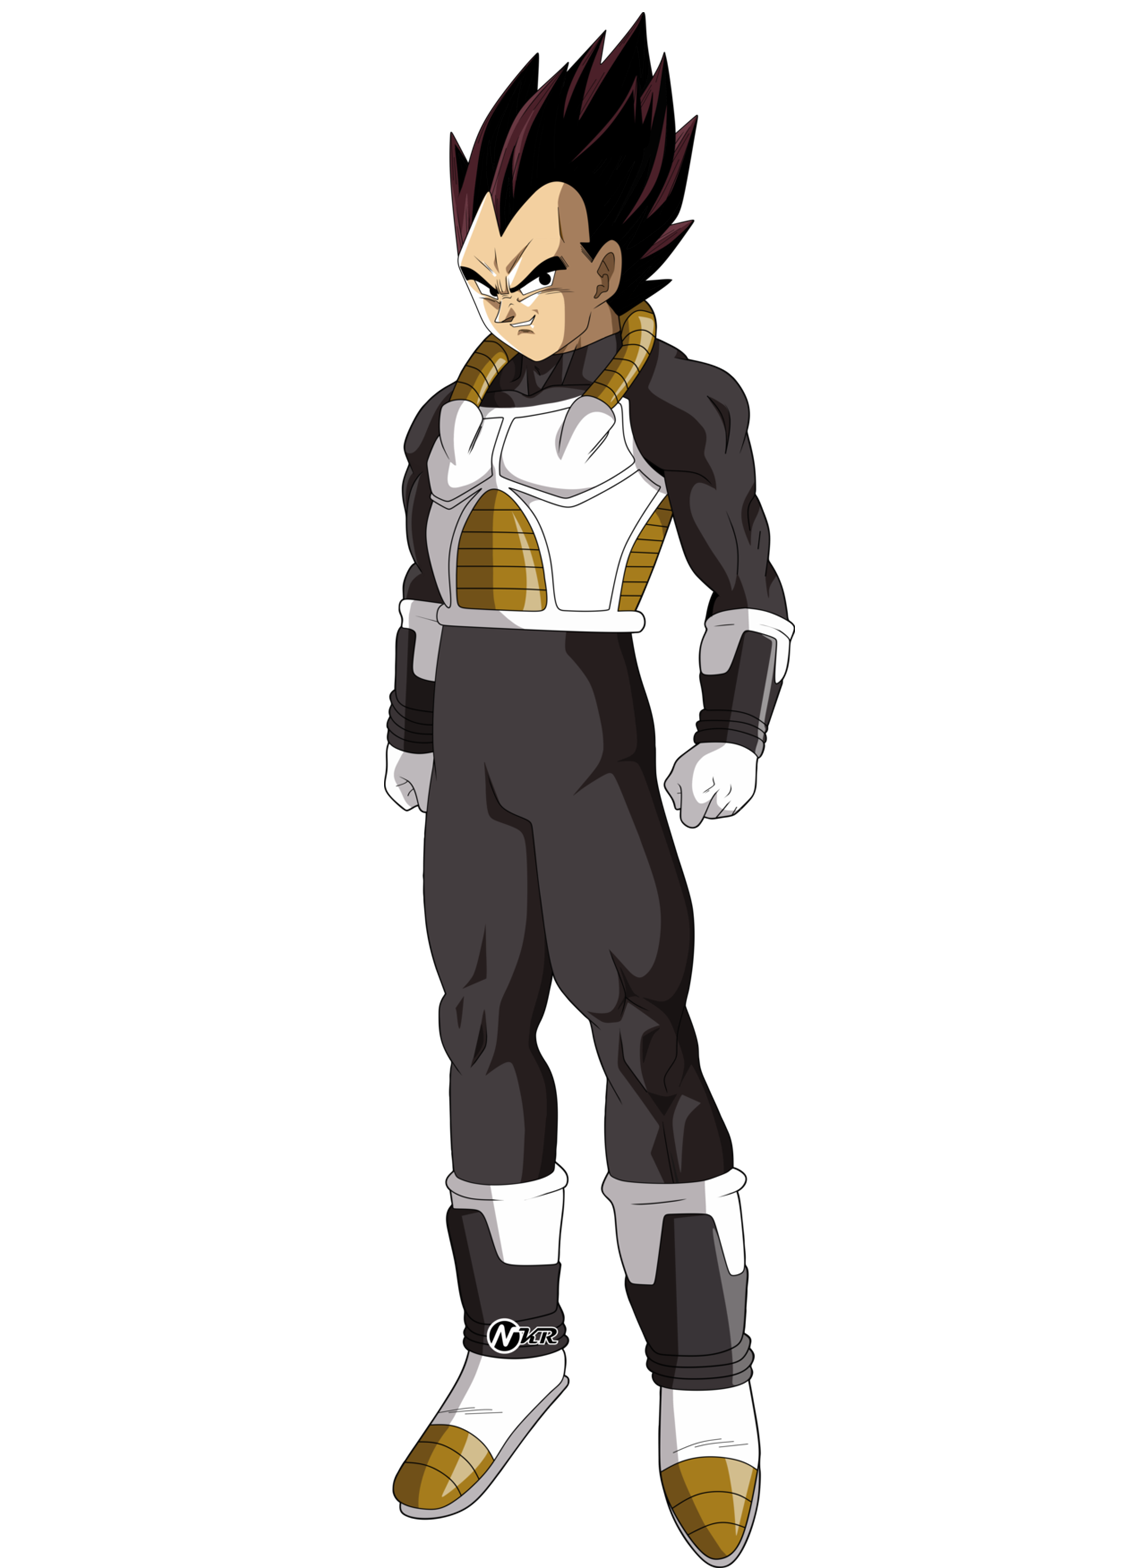 Vegeta Xeno Anime Dragon Ball Dragon Ball Gt Dragon Ball Image